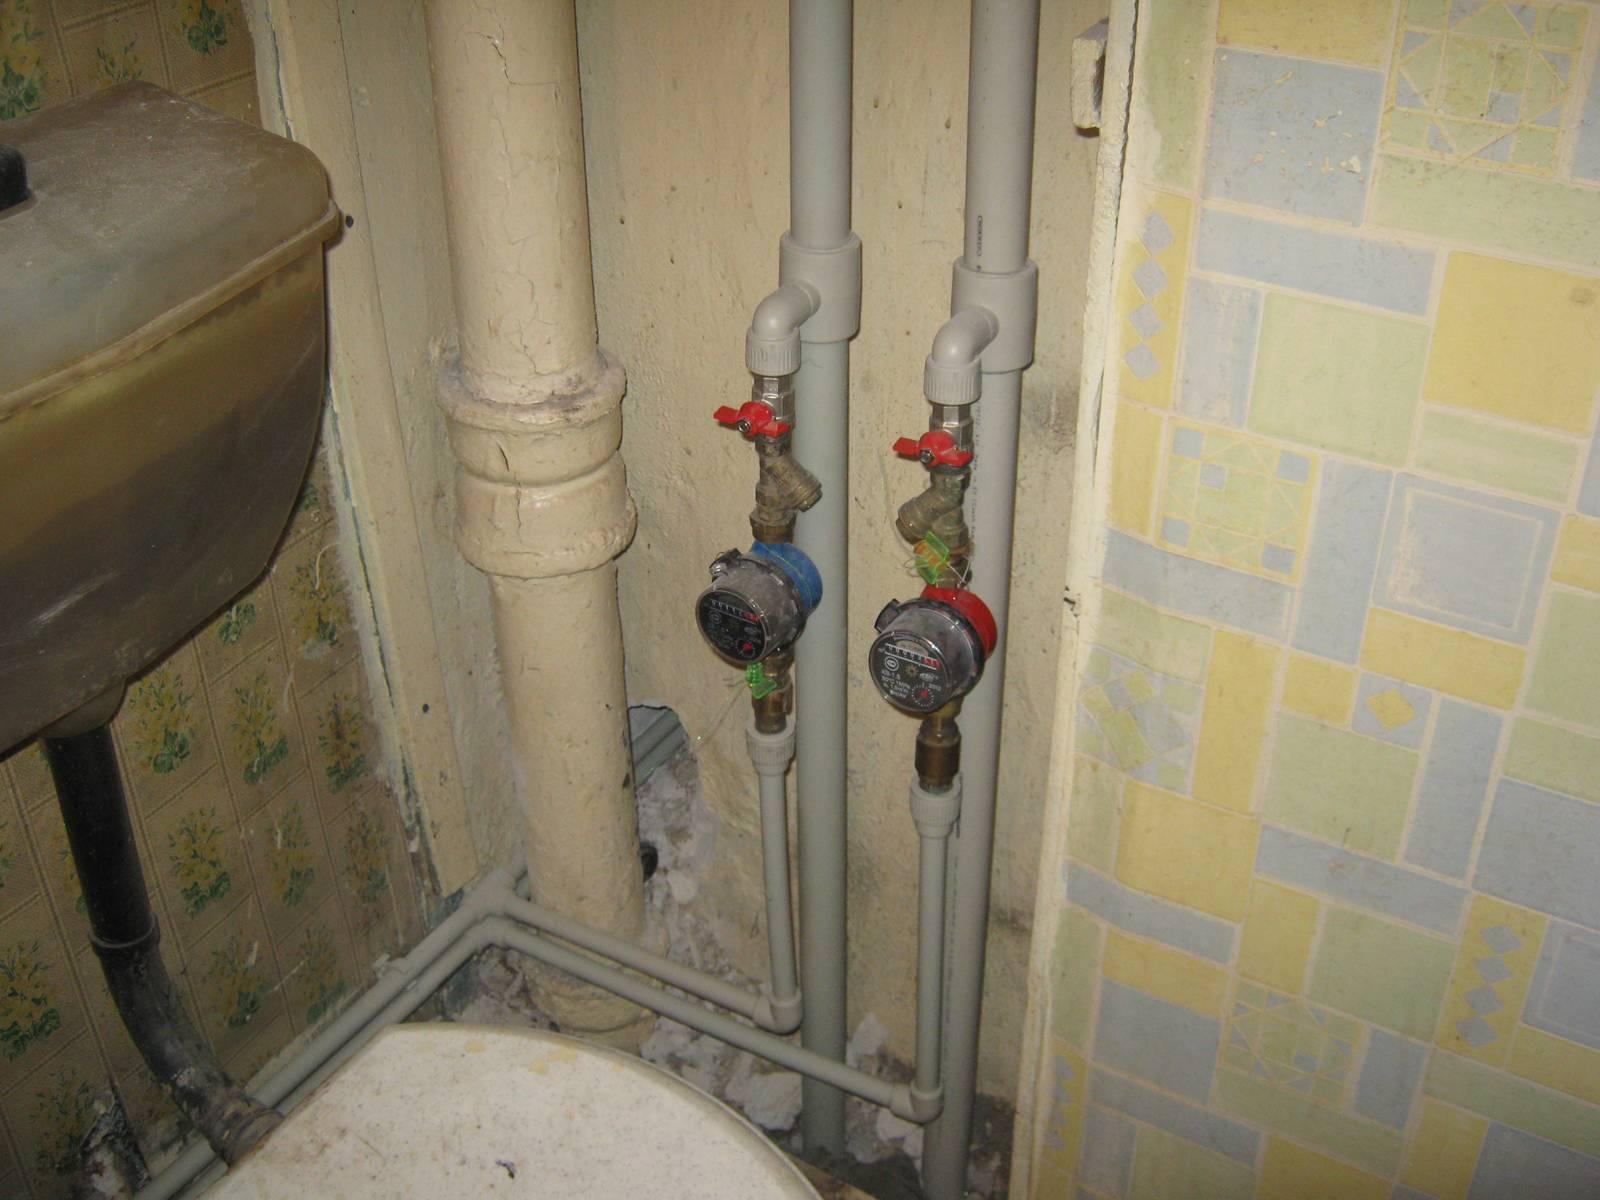 Замена водопроводных труб: как поменять трубы водопровода в квартире своими руками, замена металлических на пластиковые